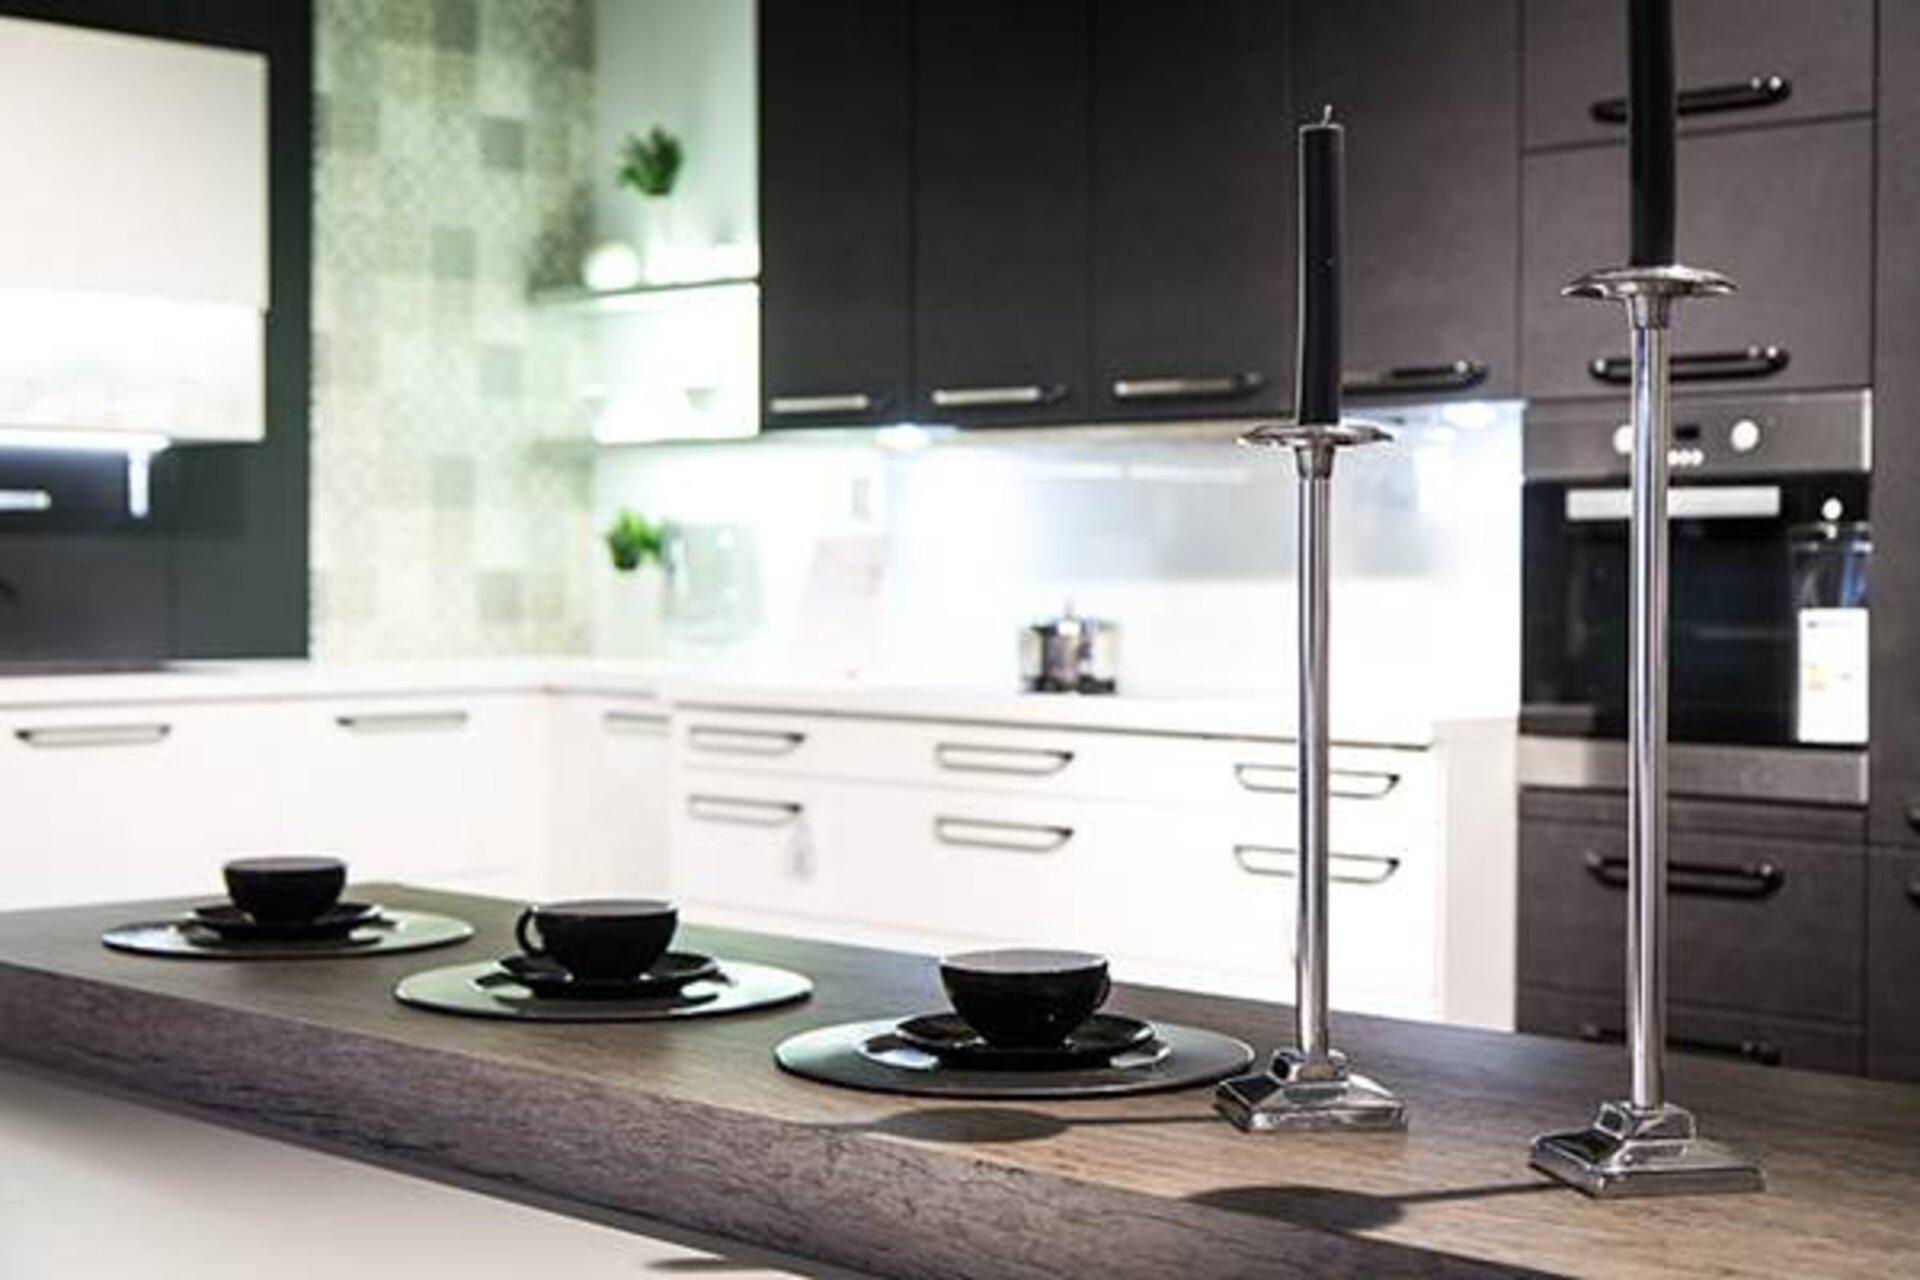 Kategoriebild zu Arbeitsplatten in der Küche. Zu sehen ist eine in die Küche integrierte Frühstückstheke mit dicker Arbeitsplatte aus grauem Naturstein.